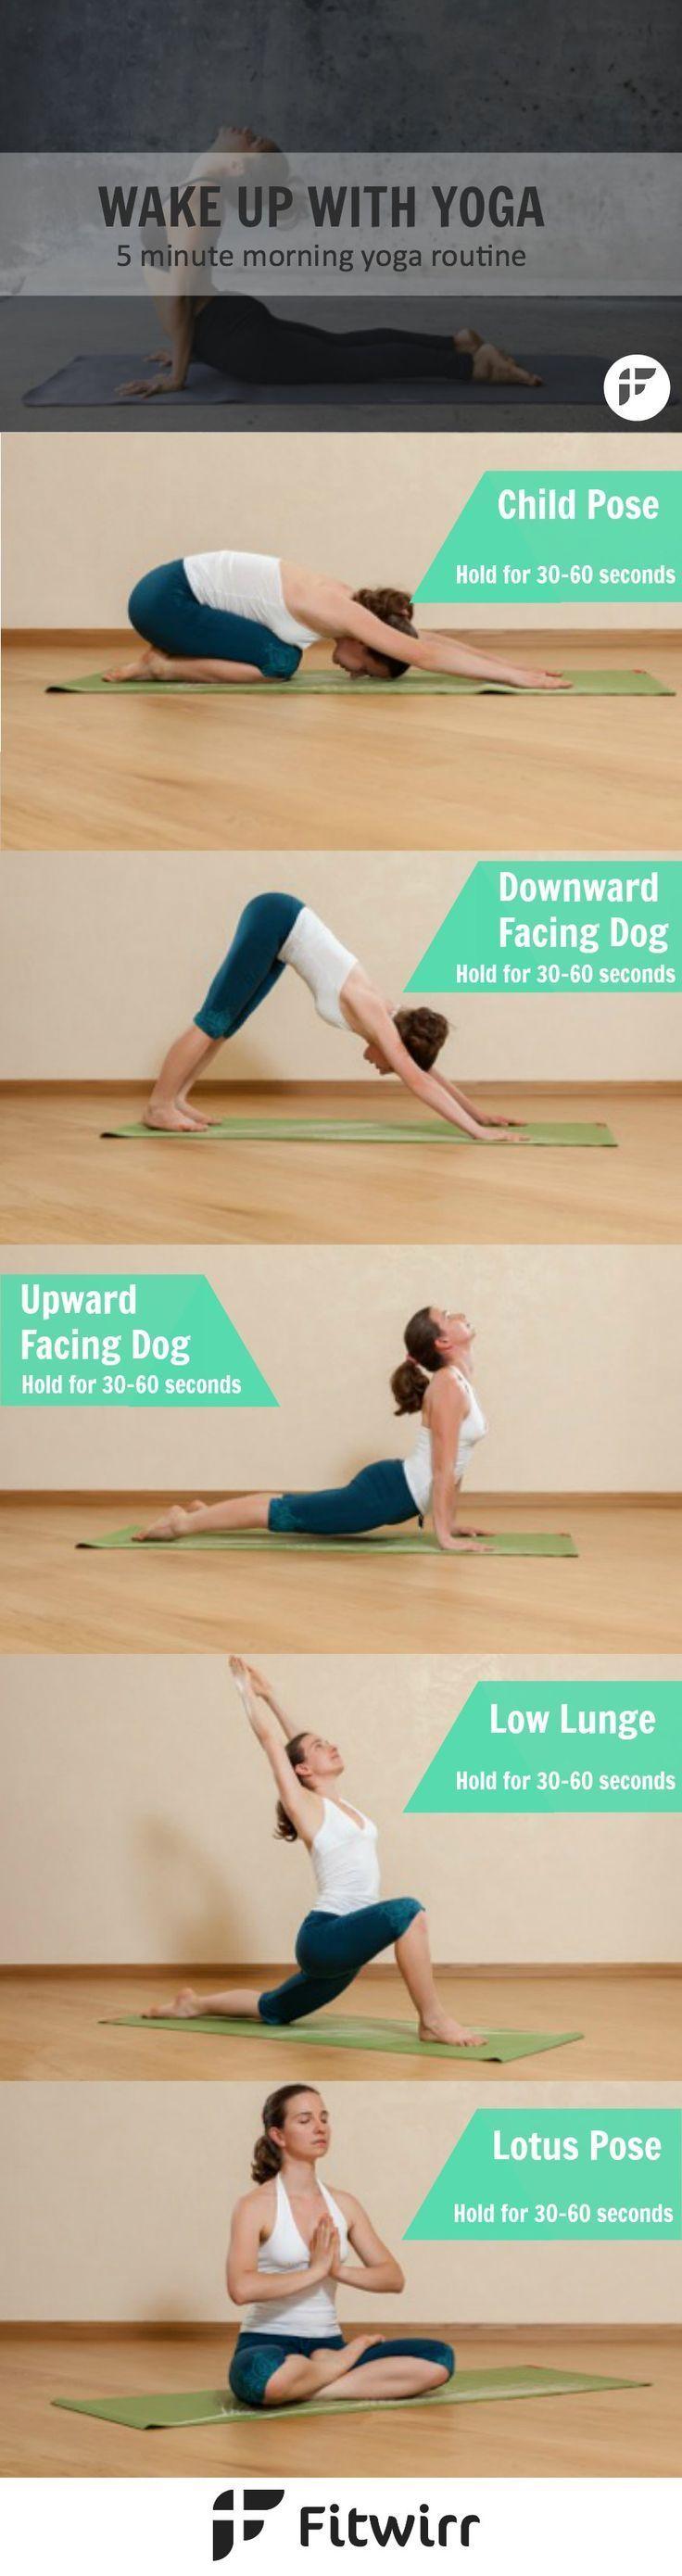 Wenn du es wirklich schwierig findest deine Yoga Routine zu starten, versuch einfach nur diese 5 Positionen jeweils 5-6 Atemzuege zu halten, taeglich. Und schon bald wirst du mehr wollen! :)